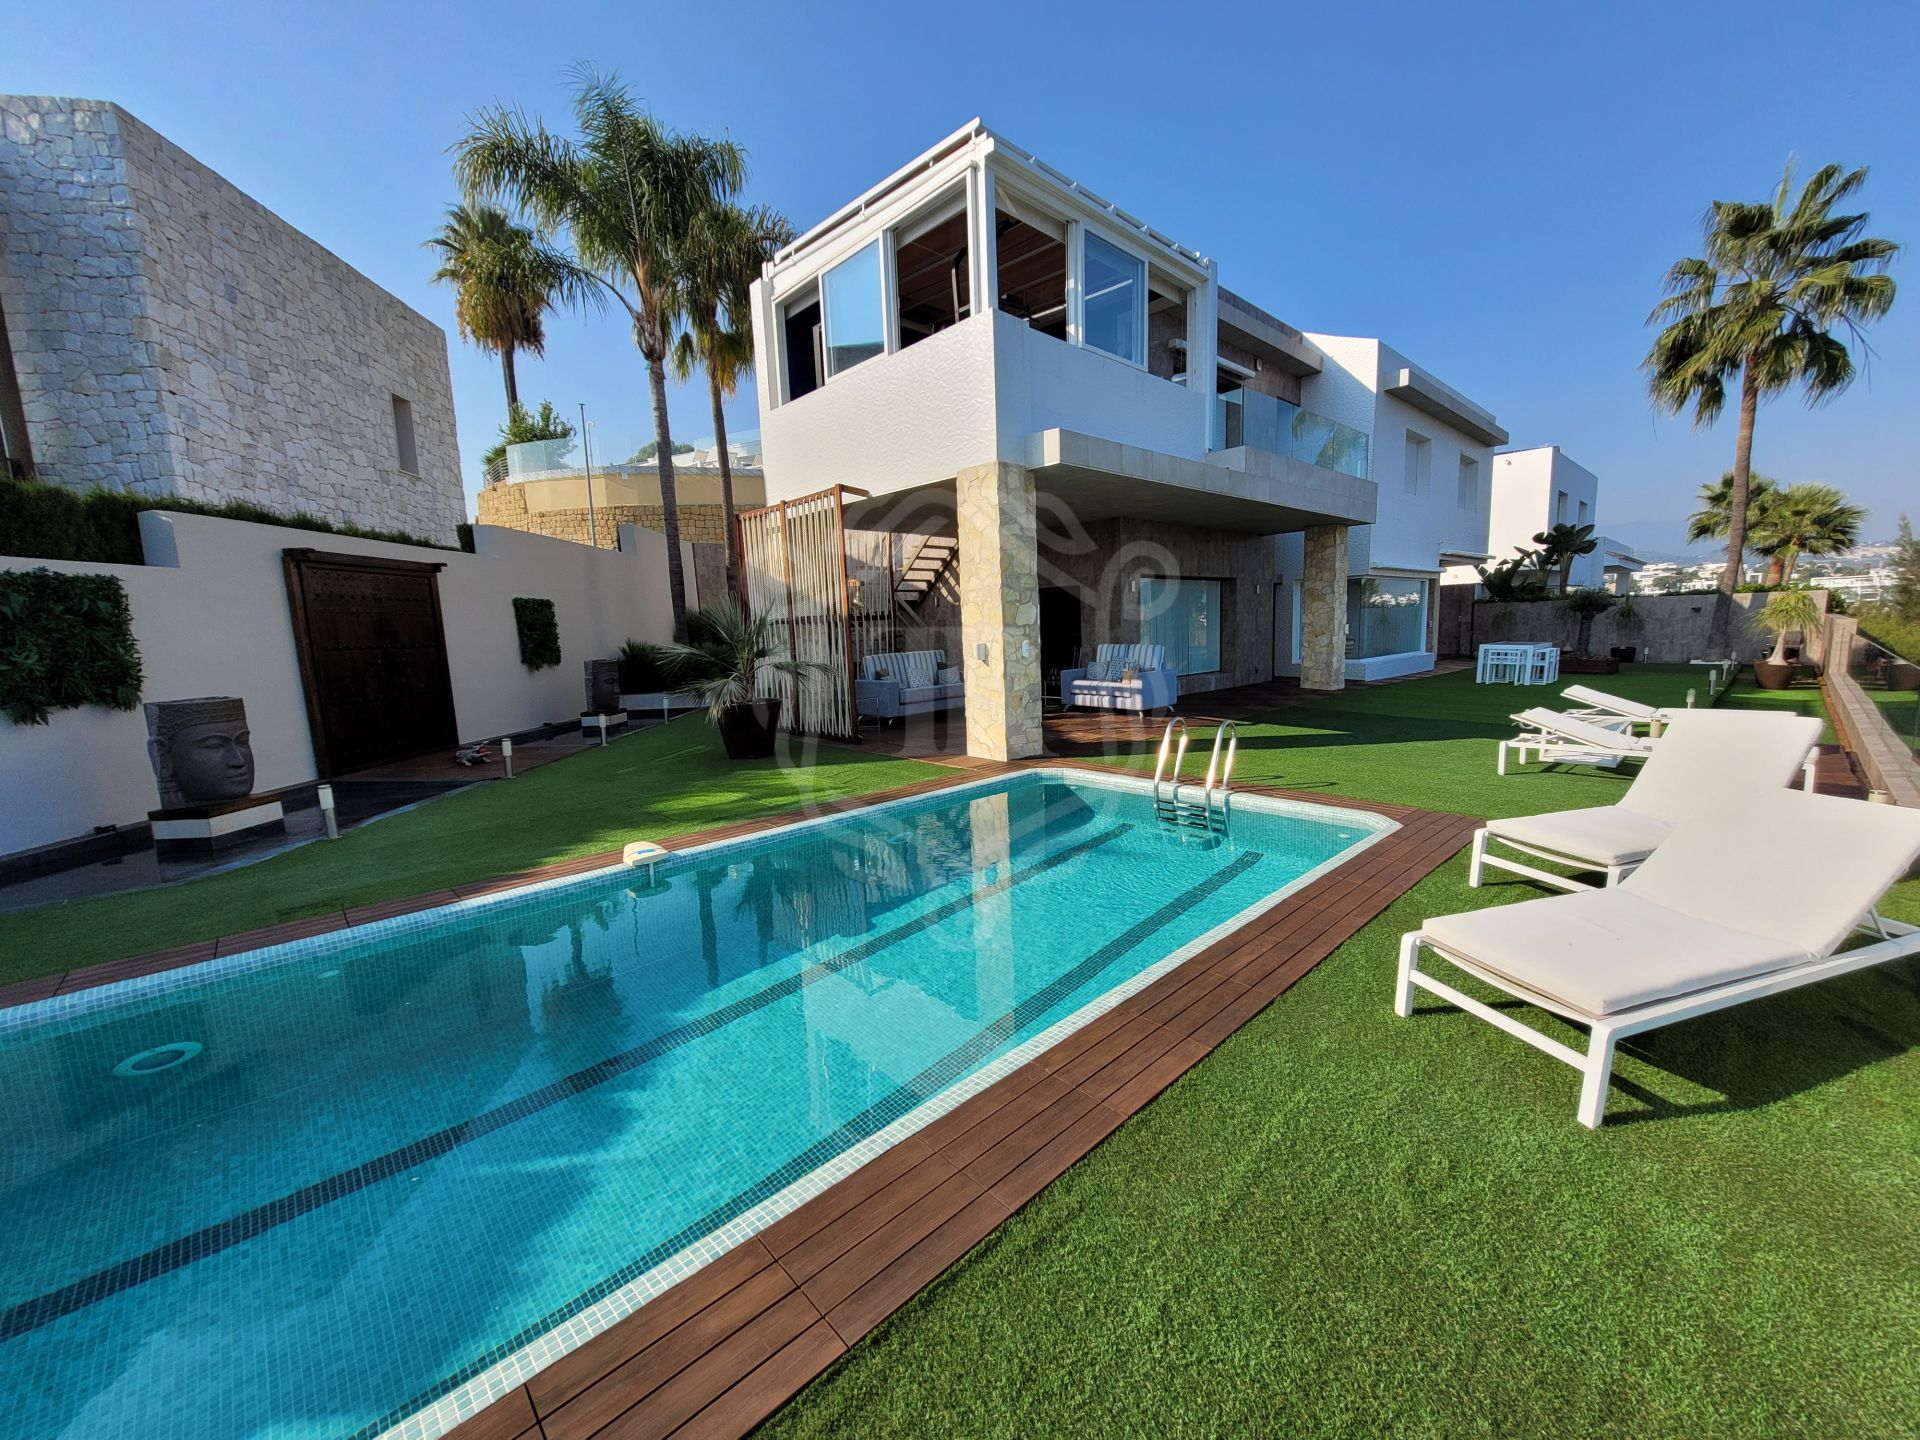 Frontline golf contemporary villa in Nueva Atalaya, Benahavis